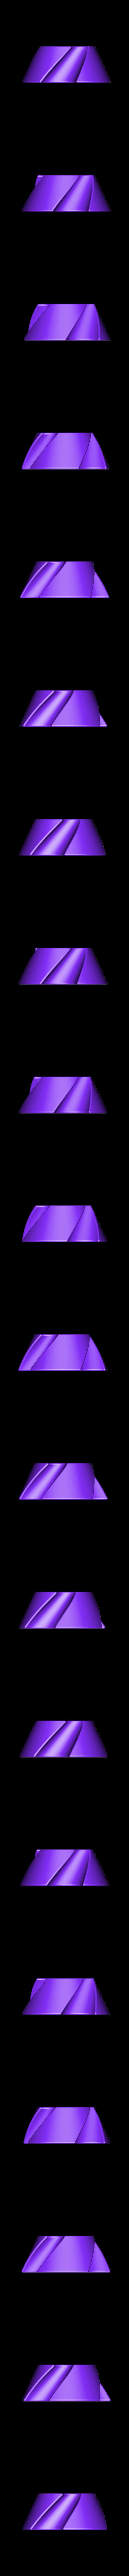 SUPPORT_BODY_no_teeth.stl Télécharger fichier STL gratuit Alimentateur de filaments horizontaux pour la chambre d'impression • Plan à imprimer en 3D, theveel